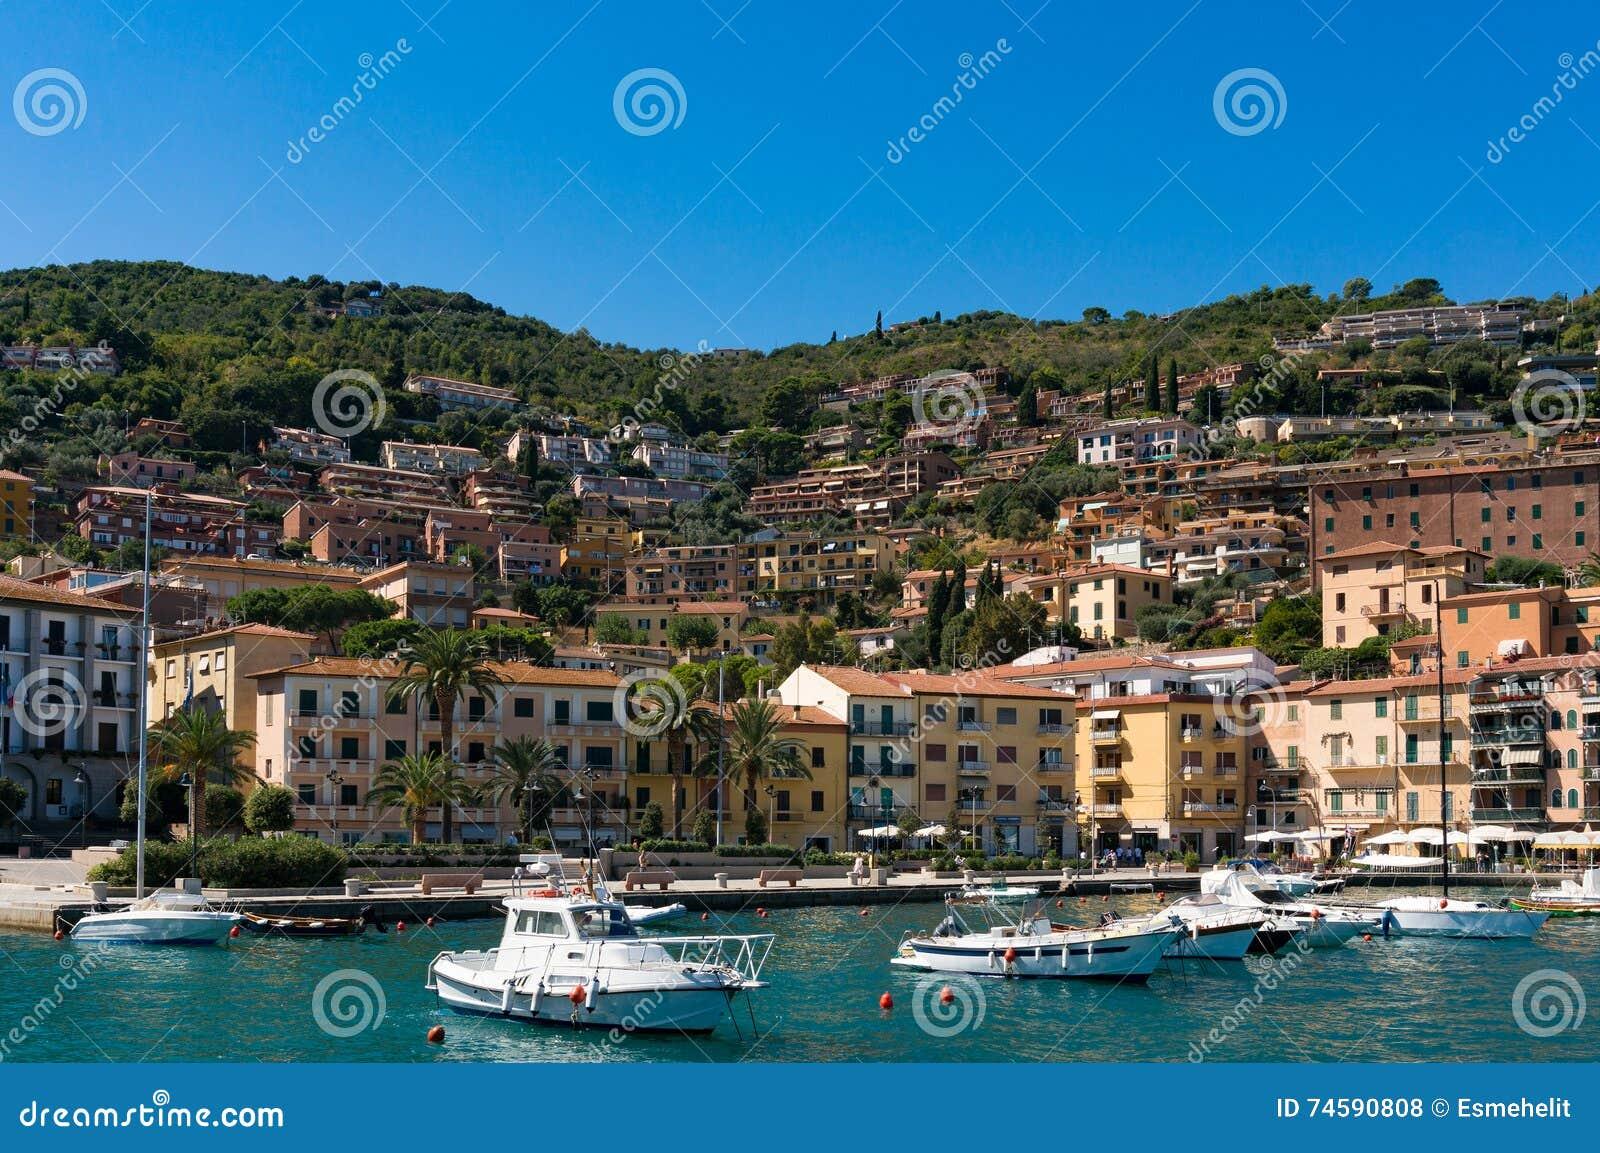 Bucht Porto Santo Stefano mit Fischerbooten und Yachten